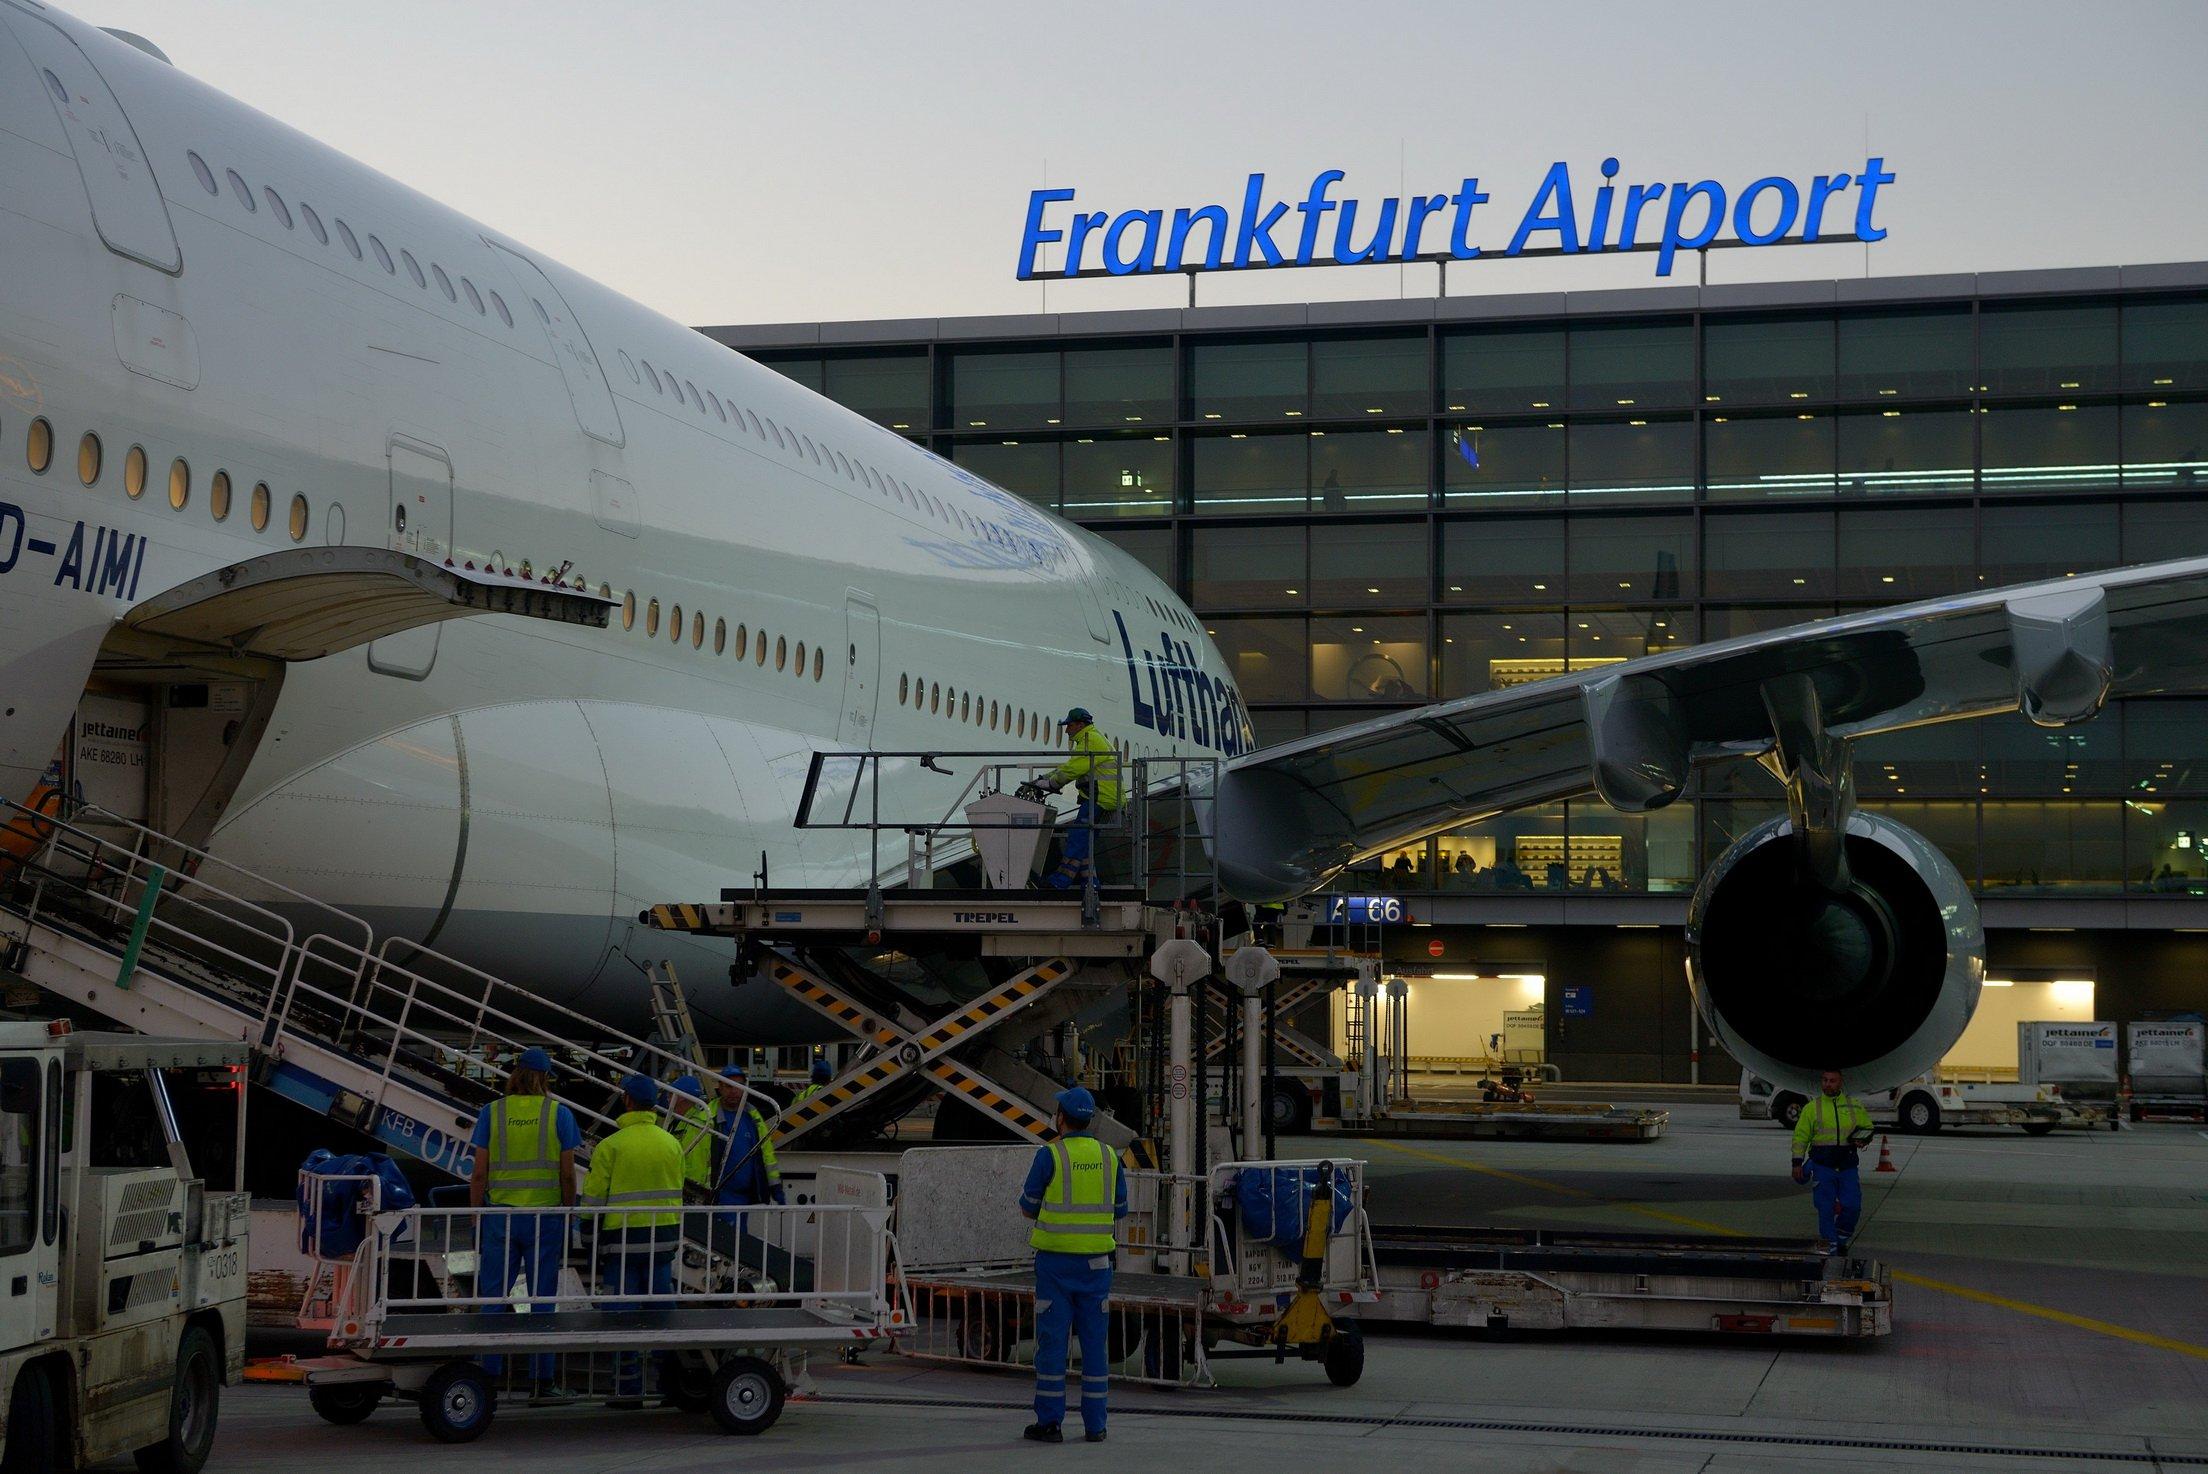 Аэропорт франкфурт картинки